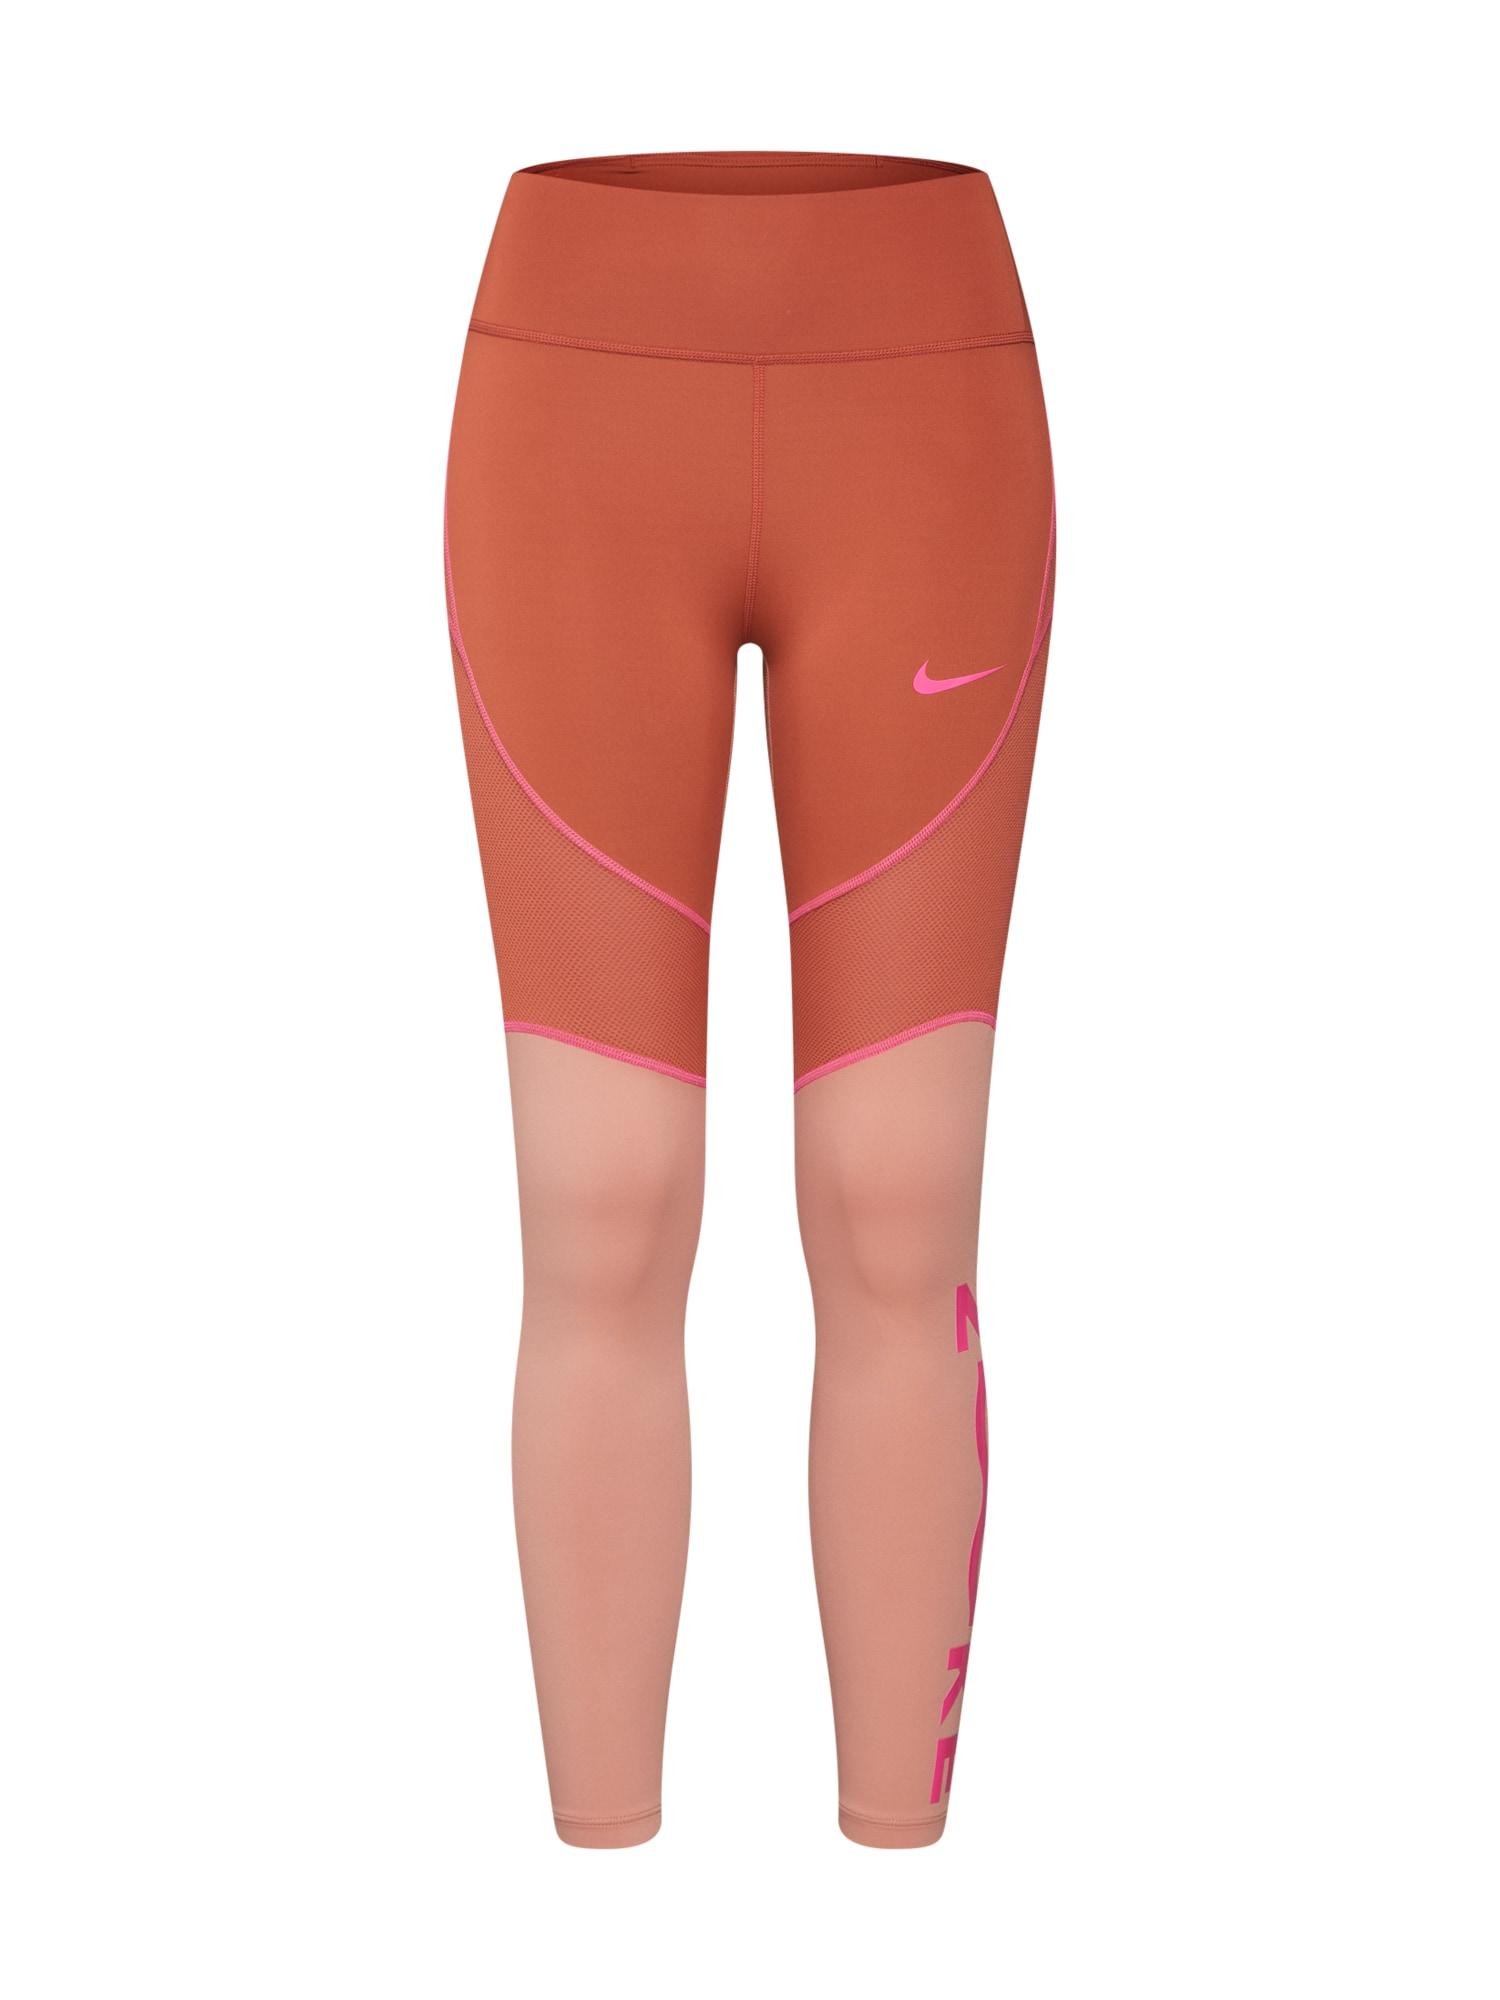 Sportovní kalhoty W NK ALL-IN 7_8 TGHT SD hnědá pink NIKE